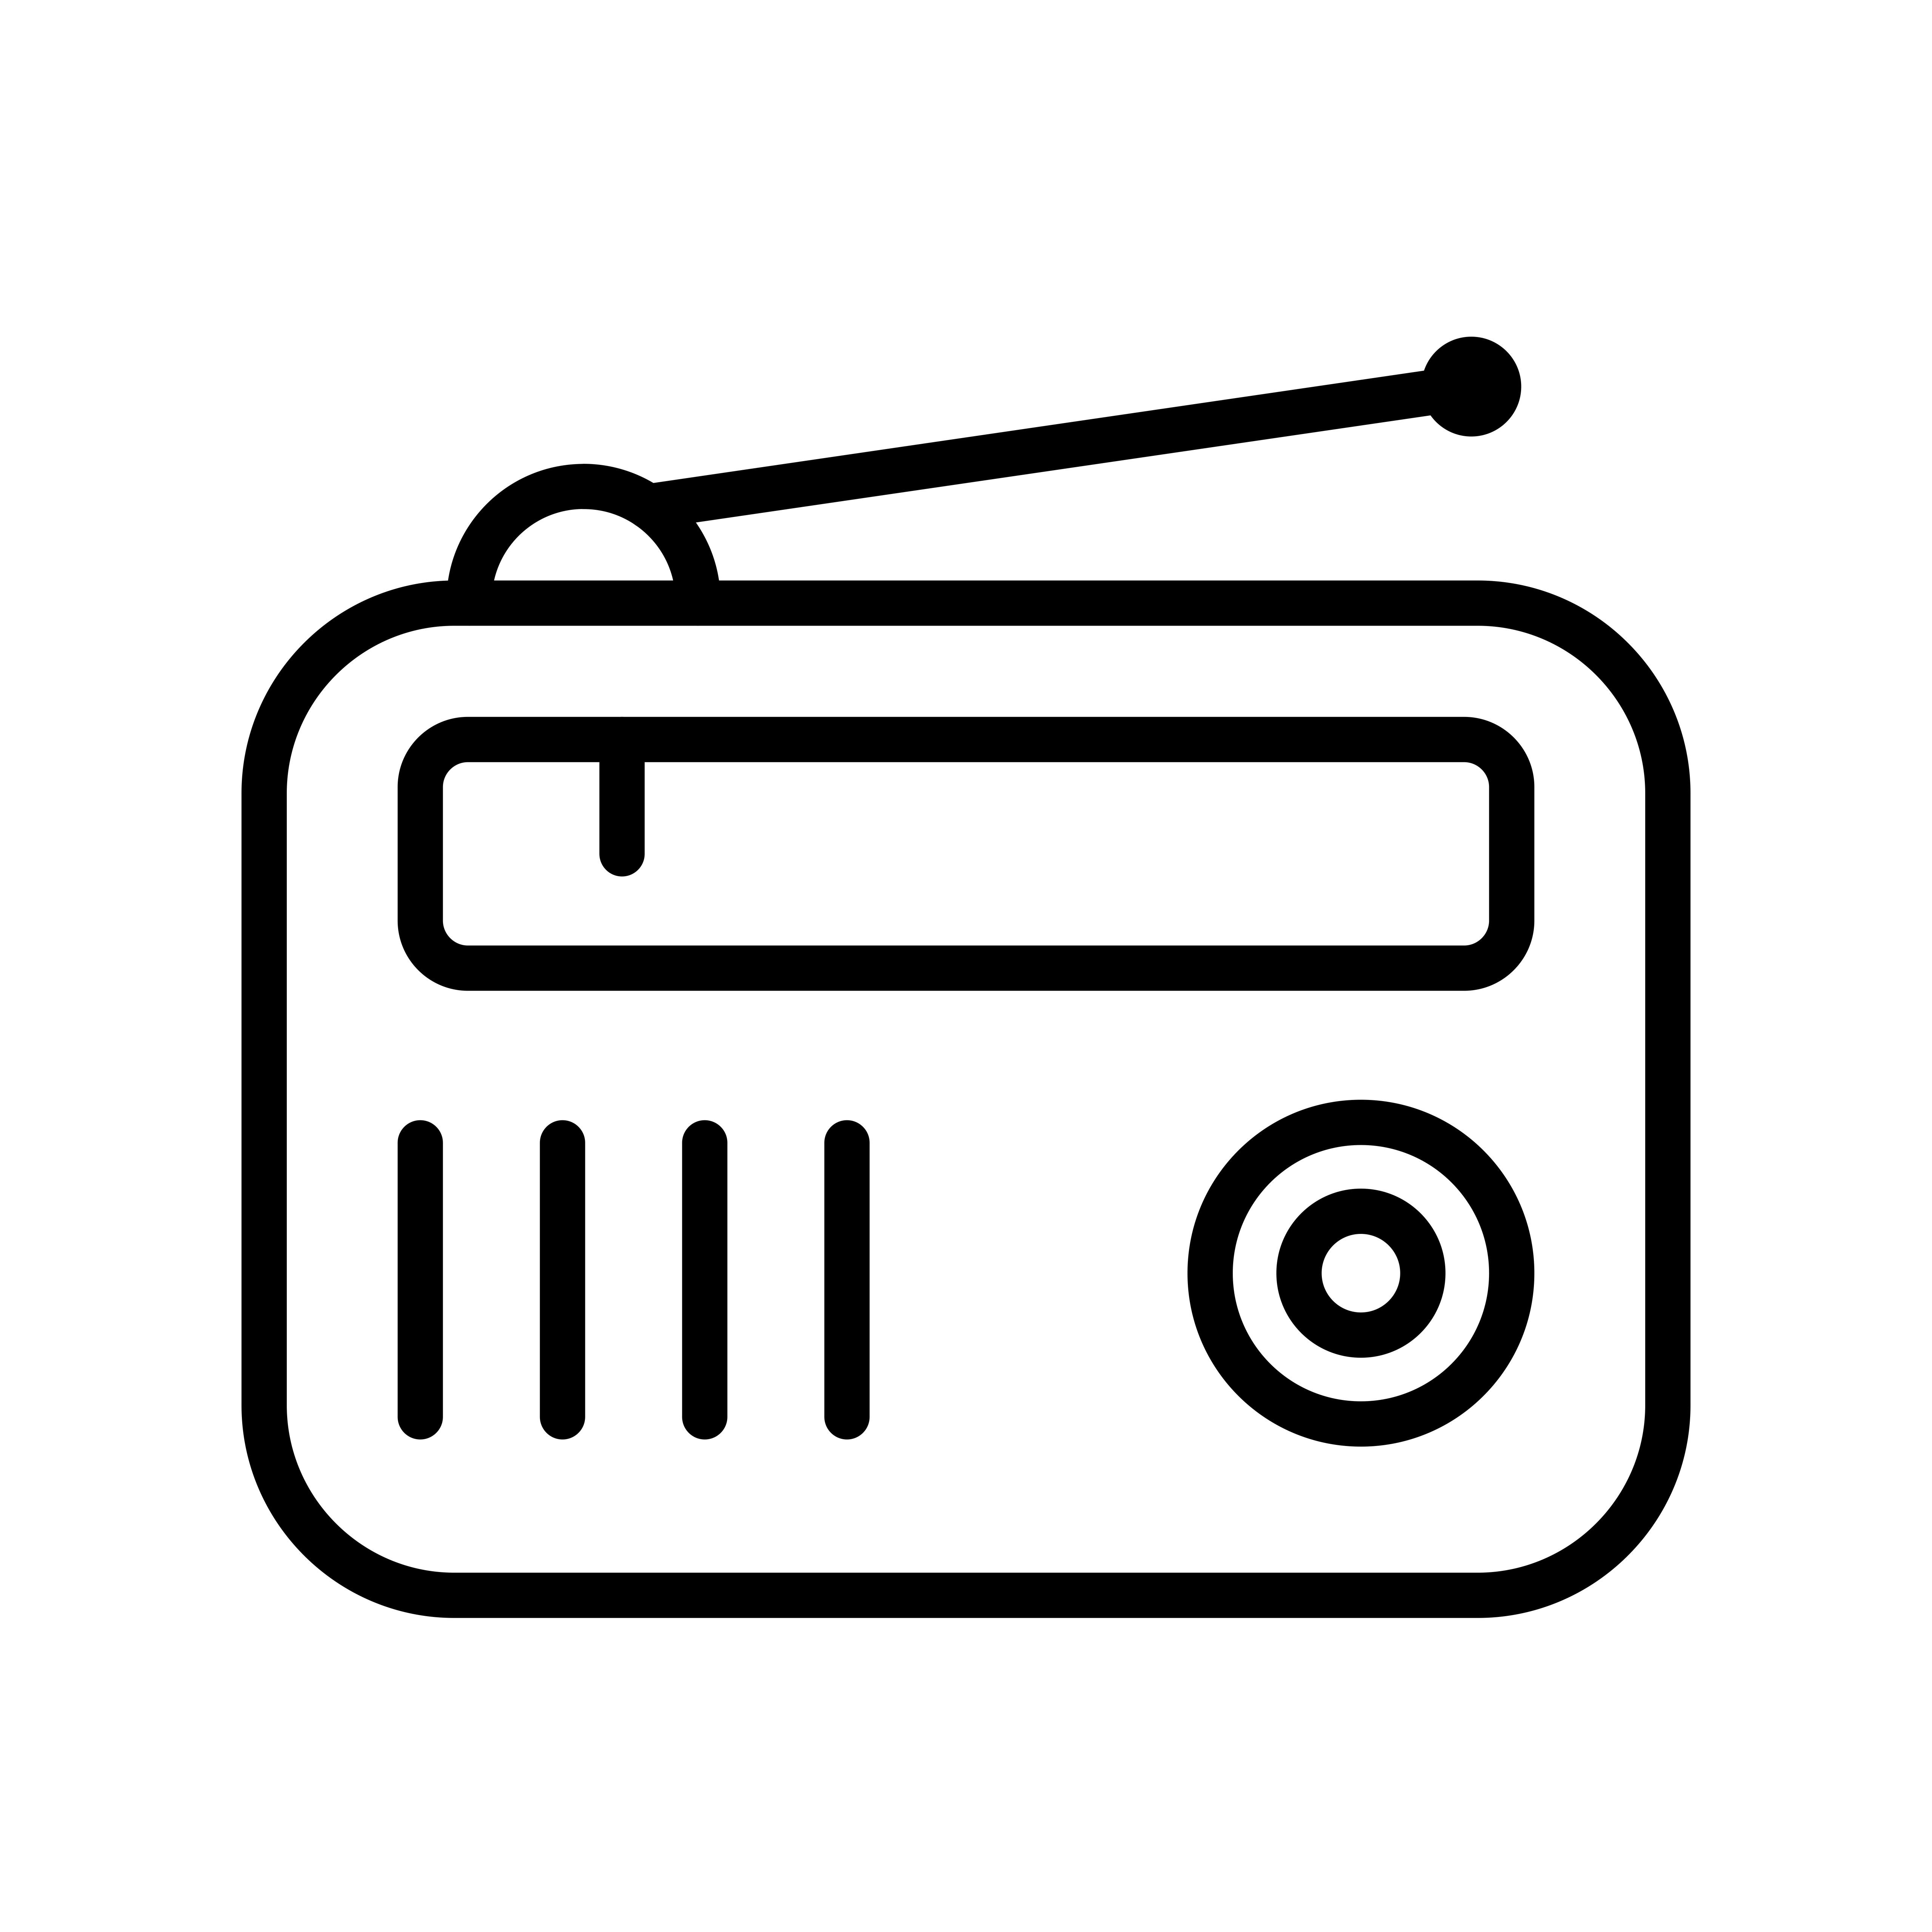 Radio Vector Icon - Download Free Vectors, Clipart ...